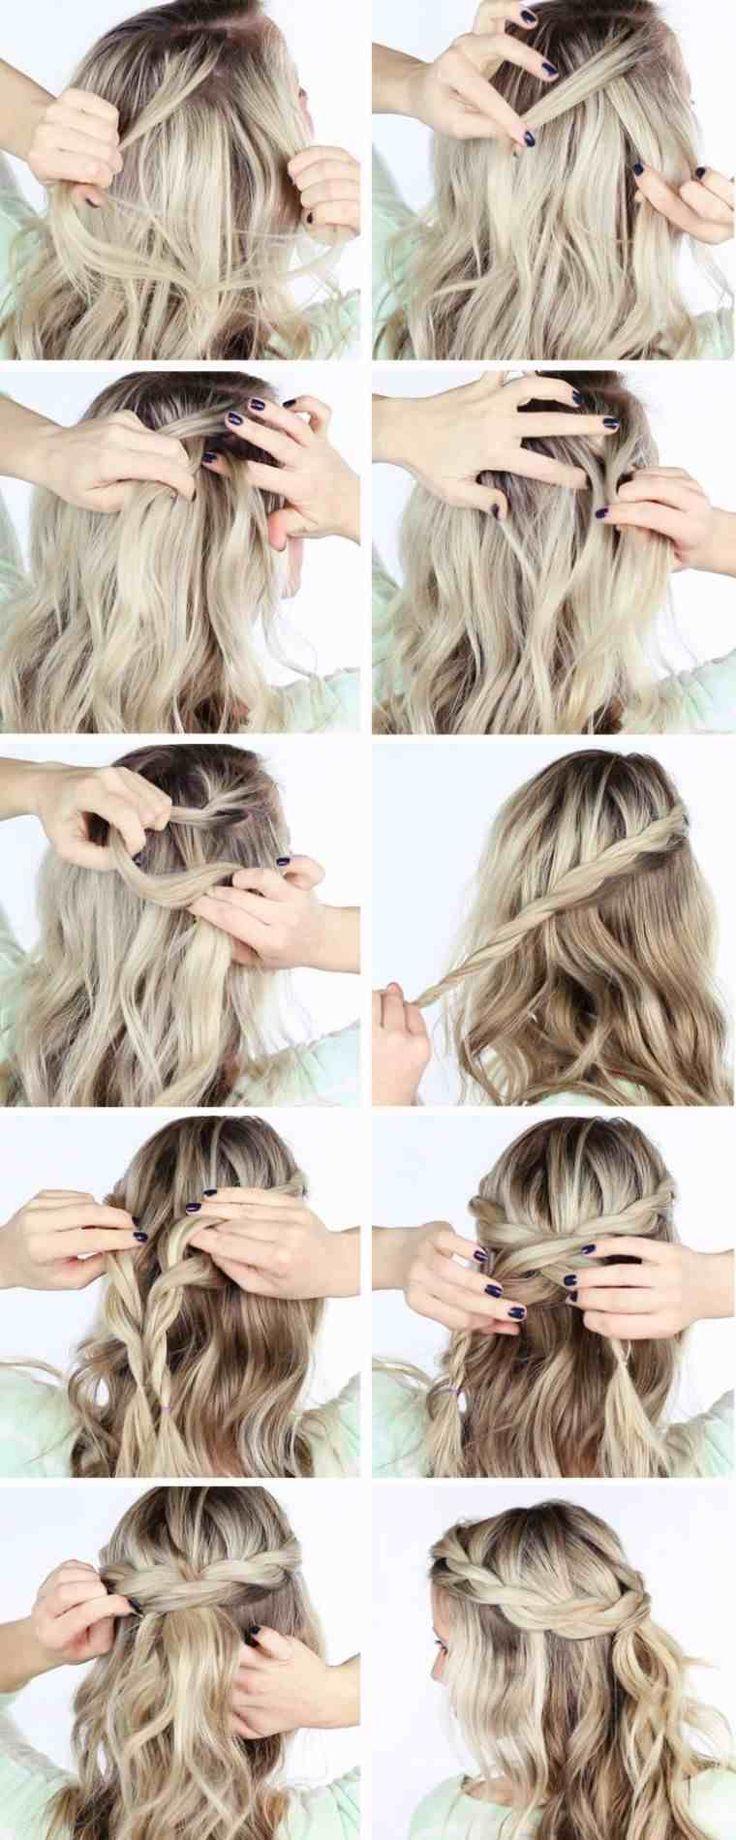 Tuto Hairstyle Cheveux moyens et longs en 9 idées faciles et rapides à réalis…